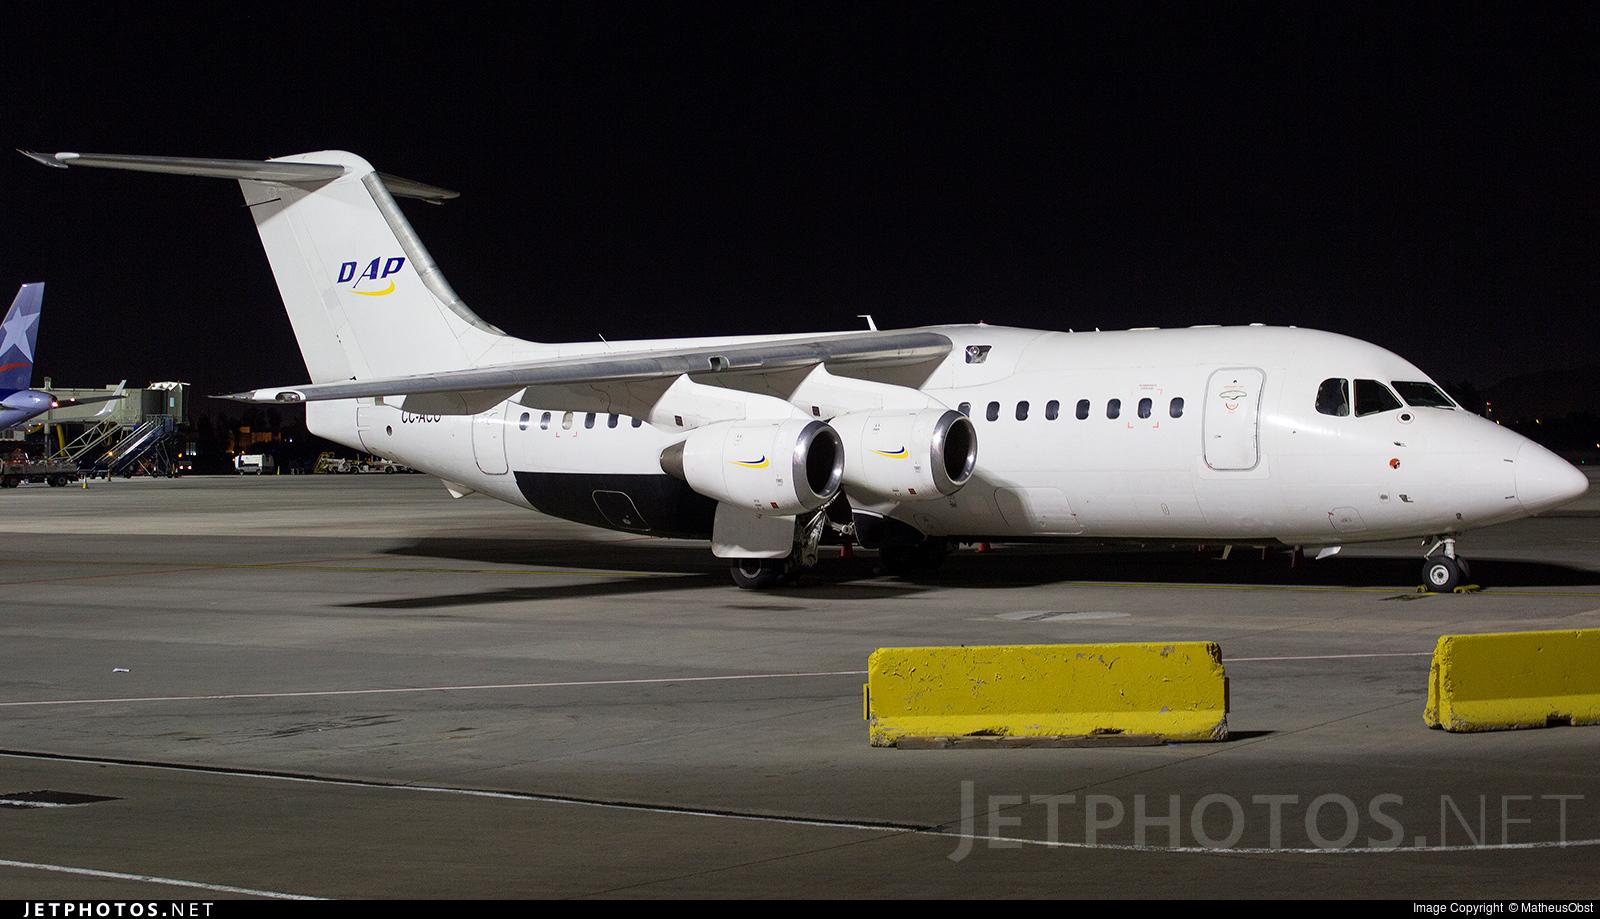 CC-ACO - British Aerospace BAe 146-200 - Aerovías DAP